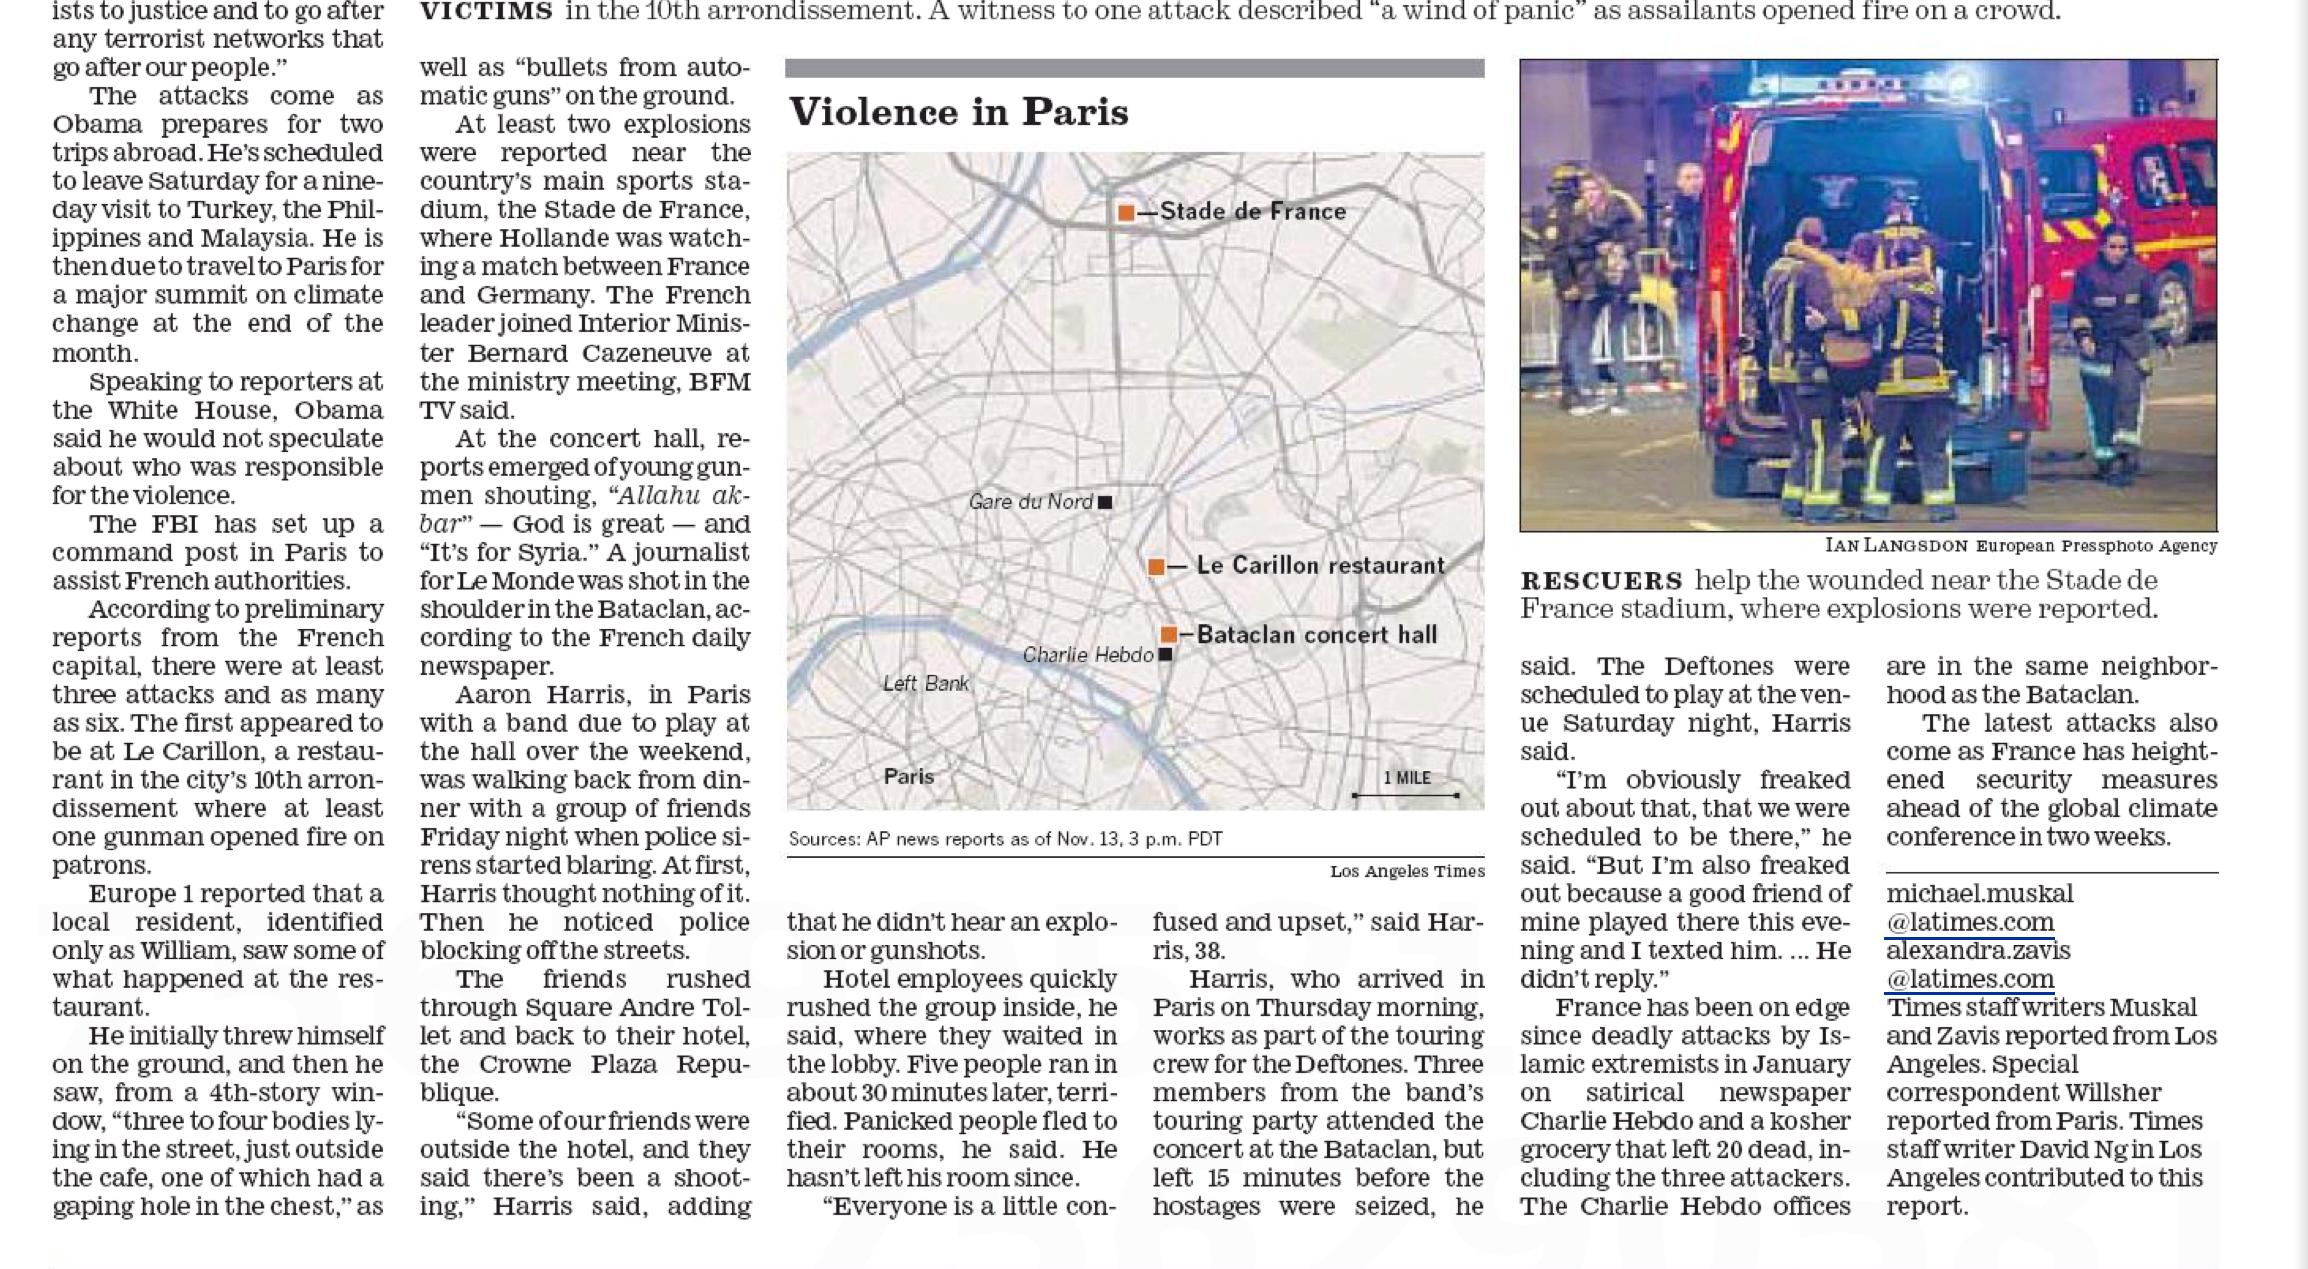 Los Angeles Times LANGSDON.jpg